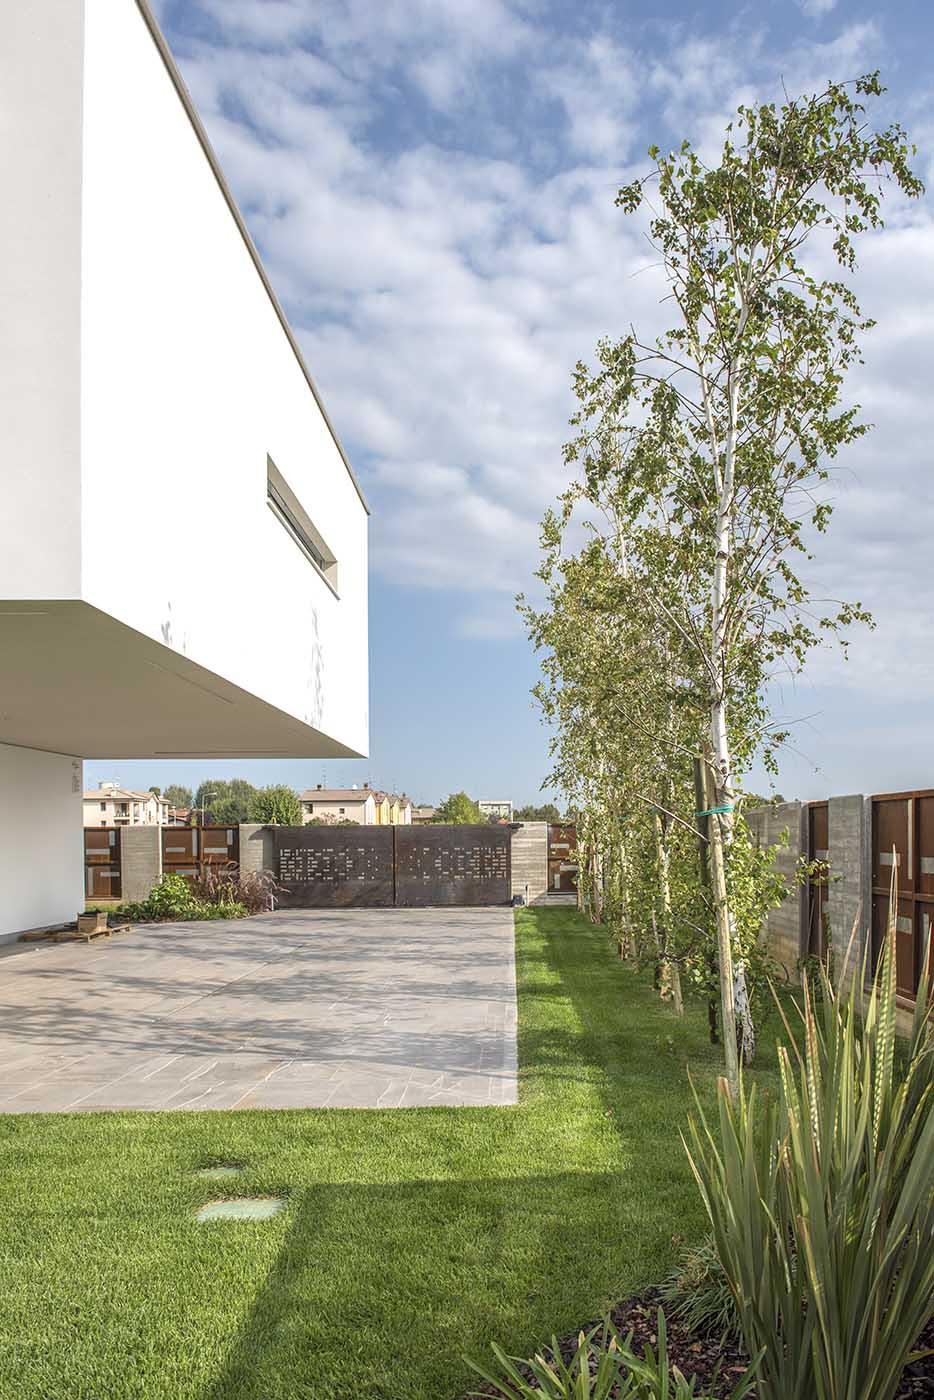 giardini reggio emilia 20 giardiniere modena green creations